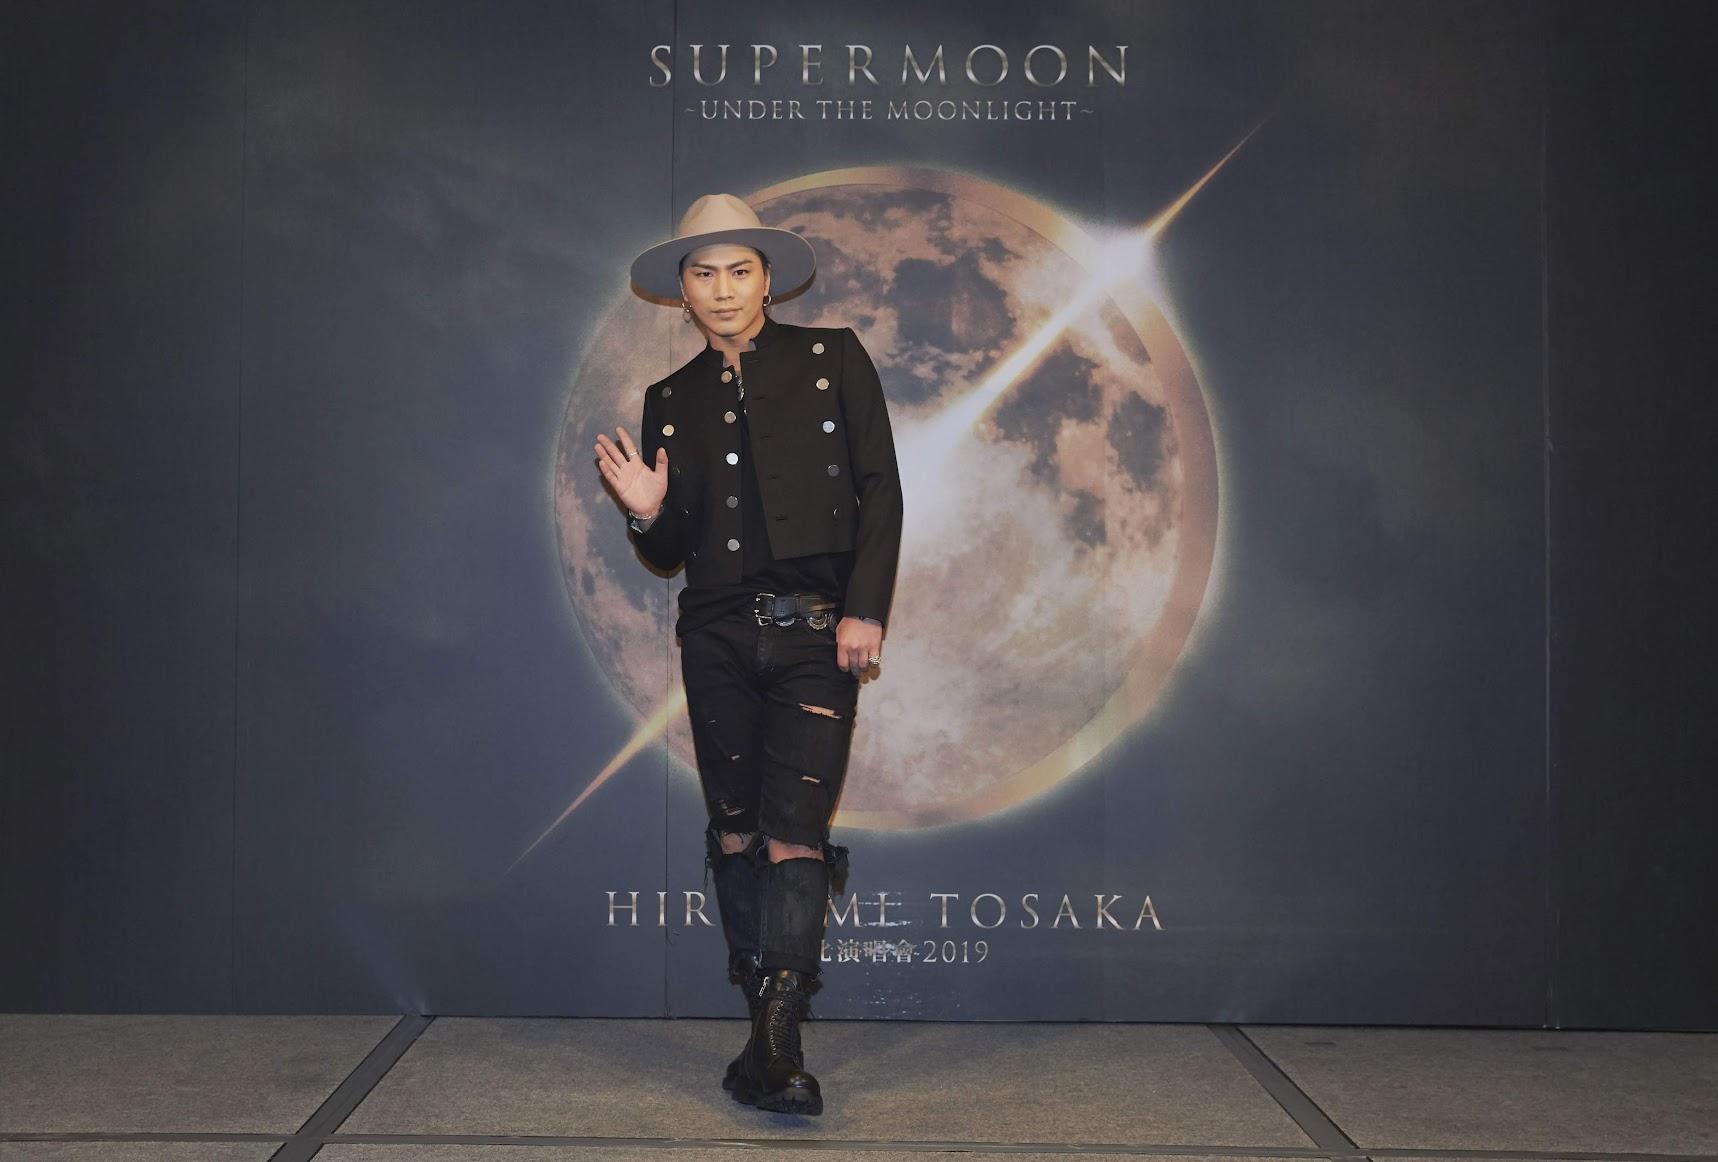 【迷迷訪問】 登坂廣臣 來台宣傳7月個唱 想和蔡依林合作